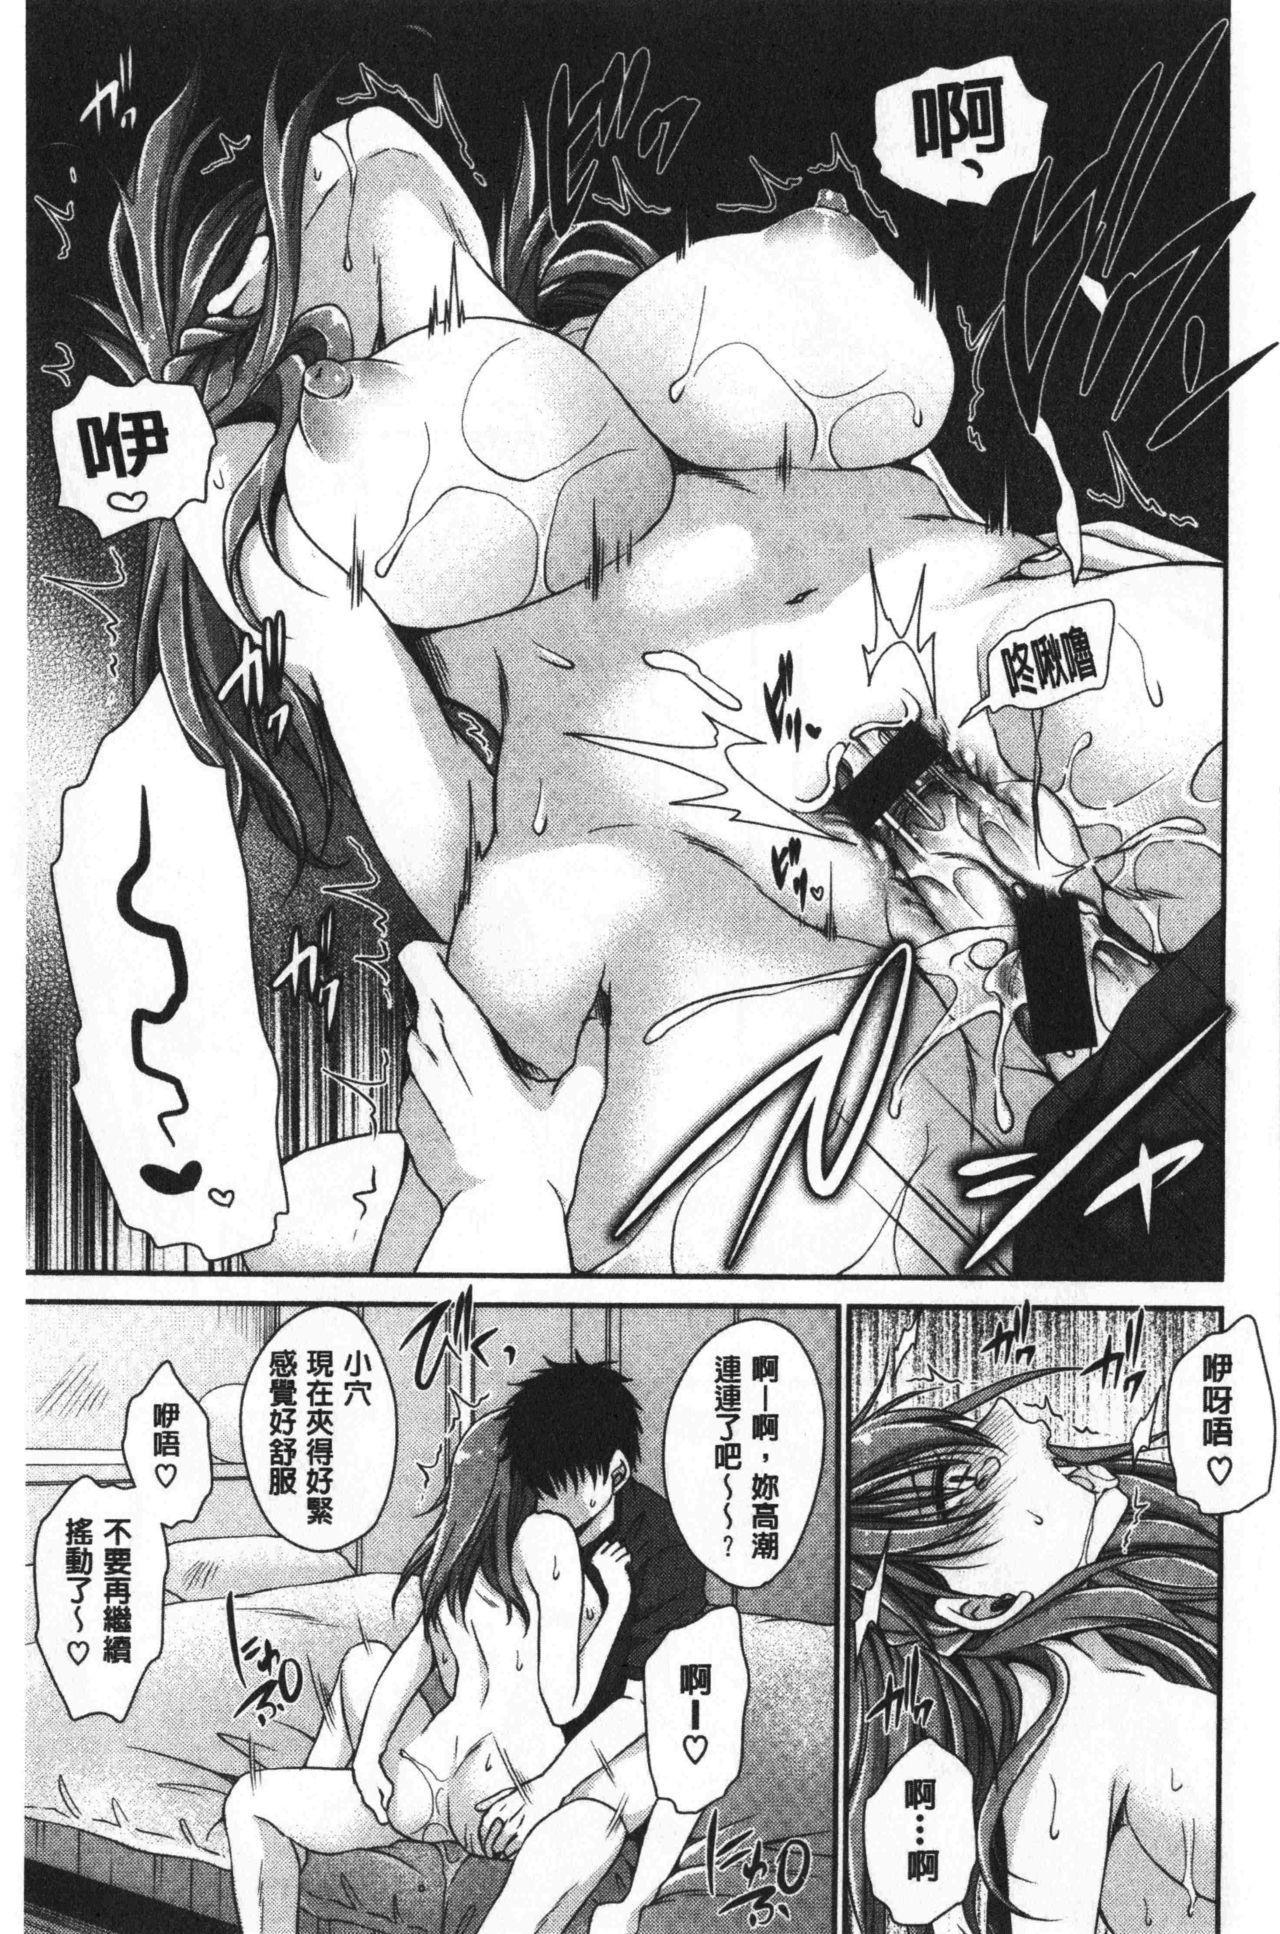 Doku Aru Hana no Amai Mitsu   毒淫花的甘甜蜜 190